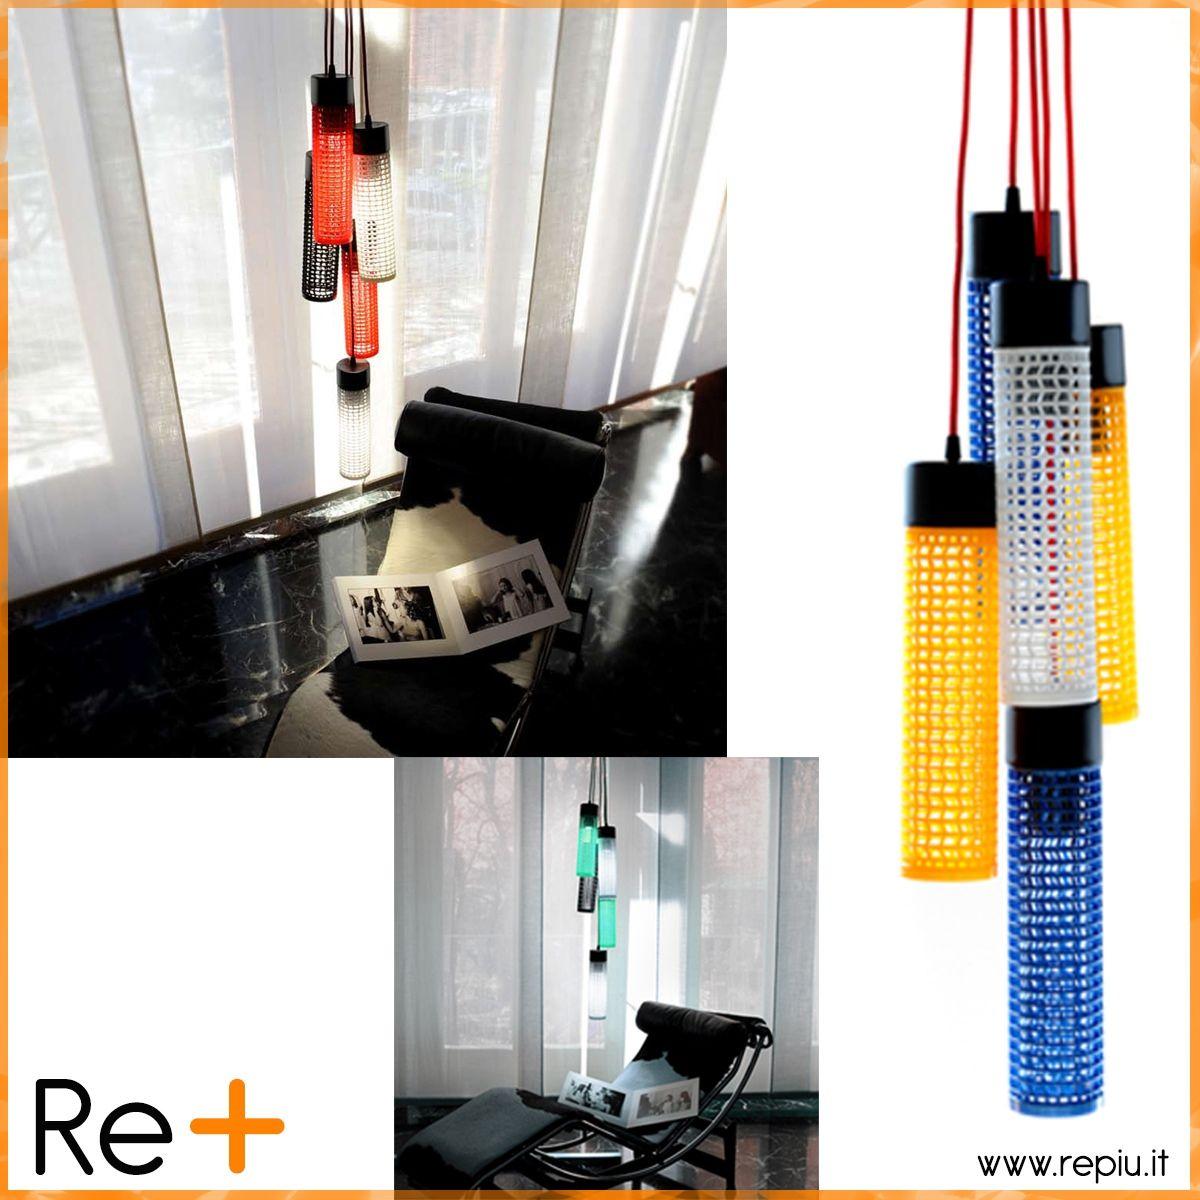 Illumina la tua casa a km zero... ReONE five lamp è una lampada a sospensione autenticamente Made in Tuscany! www.repiu.it/shop/lampade-ecosostenibili-a-sospensione-reone-five-lamp --- Light up your home at km zero... ReONE five lamp is authentically Made in Tuscany! www.repiu.it/en/shop/eco-friendly-suspension-lamps-reone-five-lamp #repiu #madeintuscany #design #lamp #design #kmzero